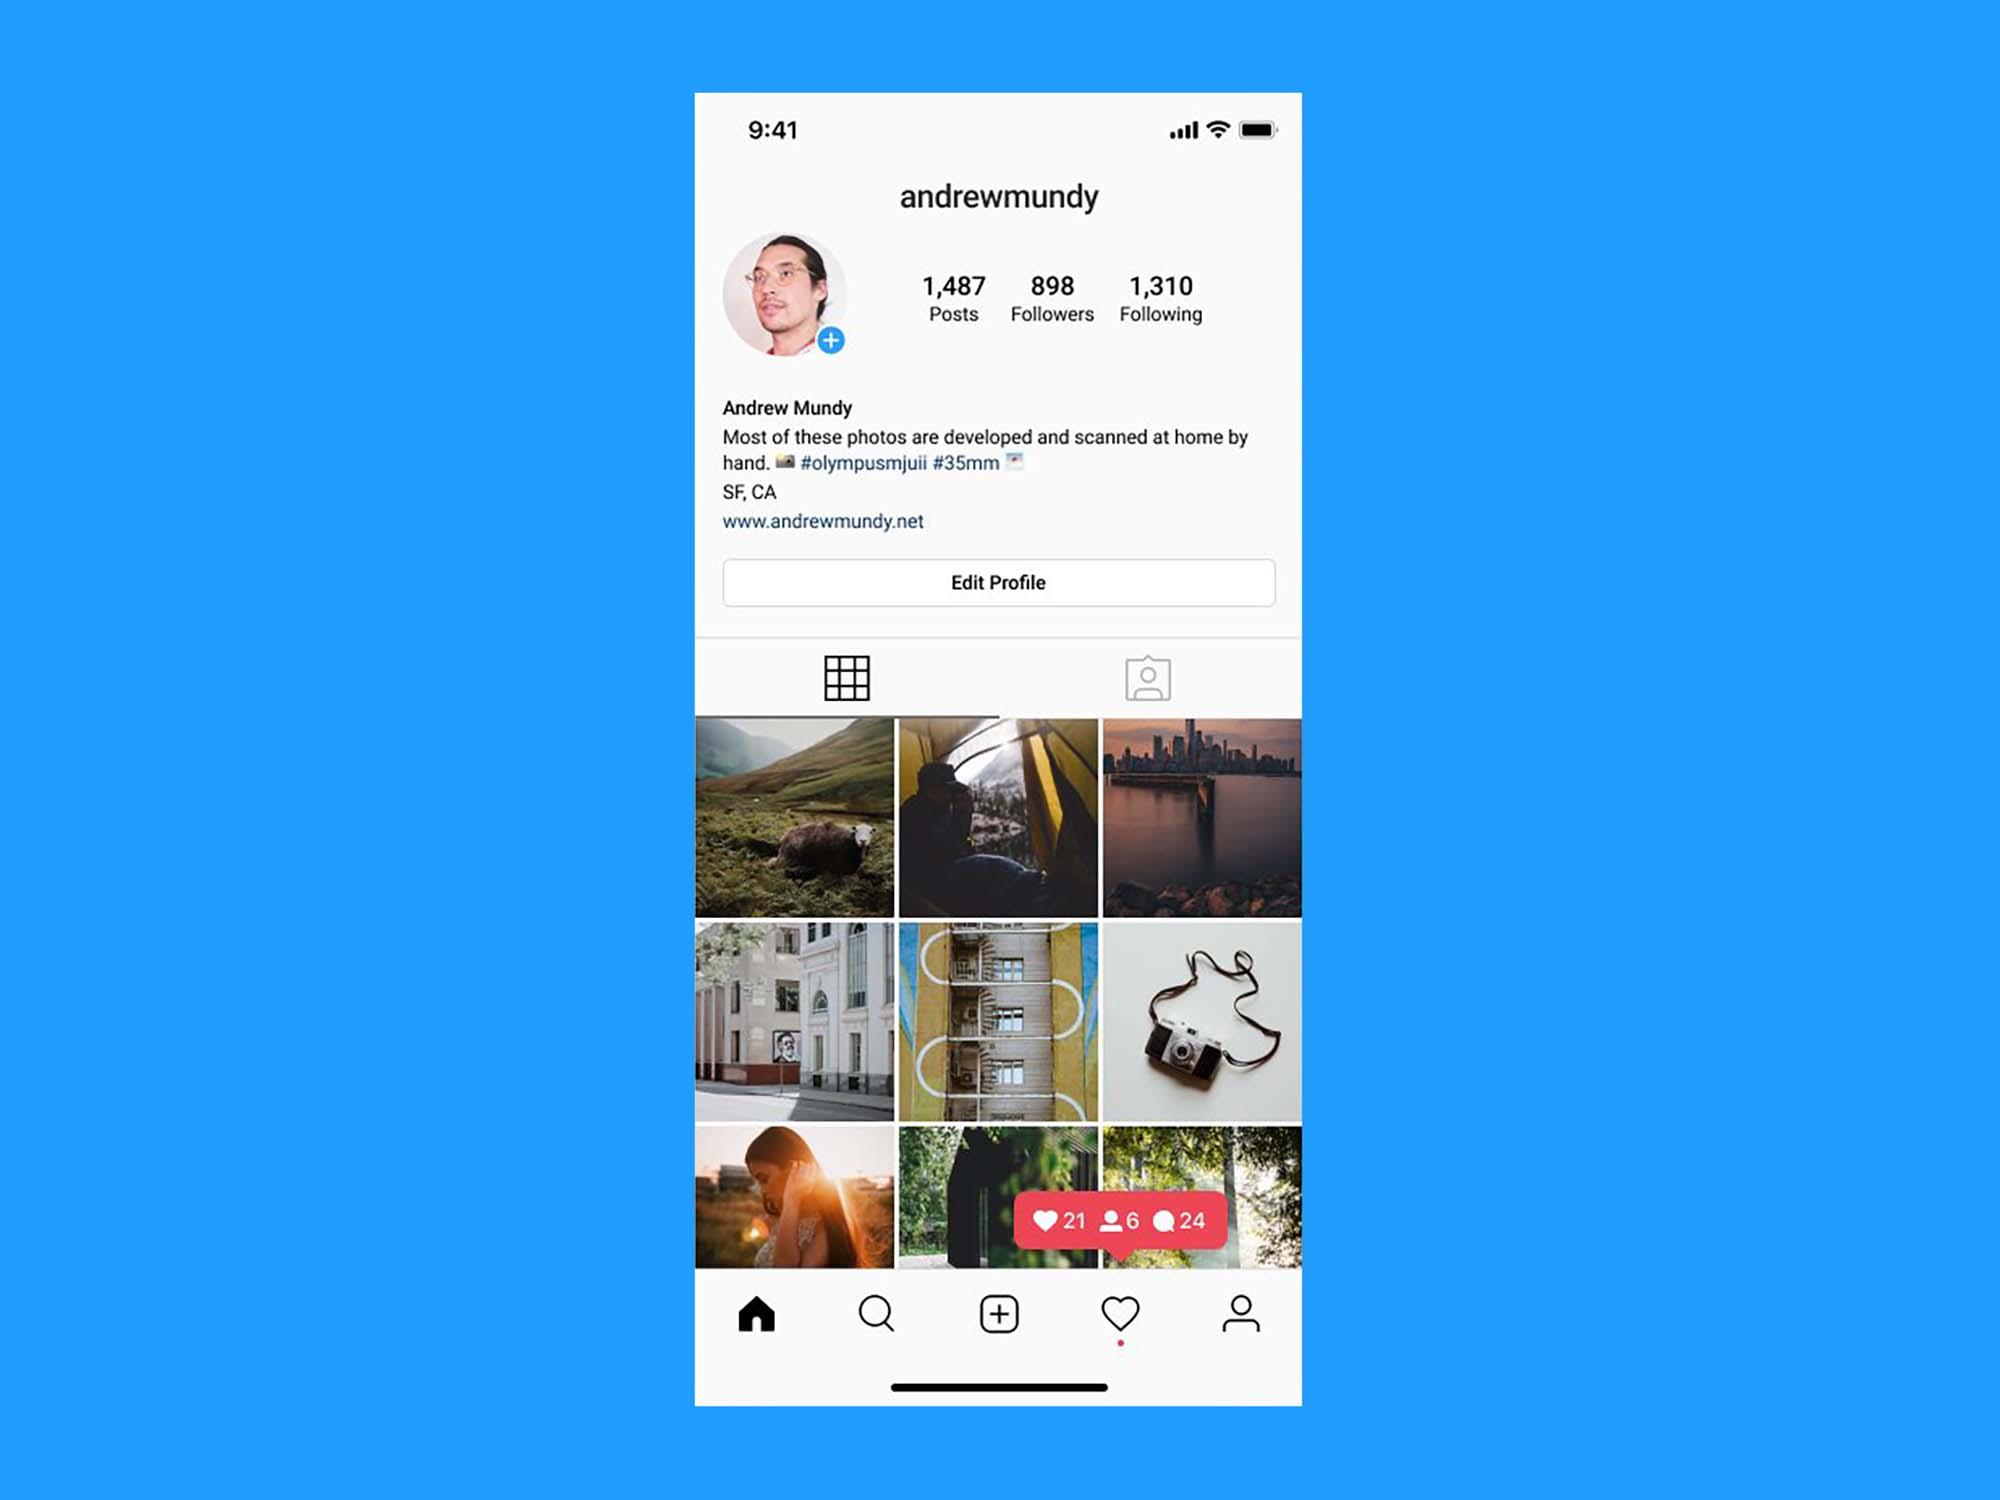 Instagram UI Profile 2